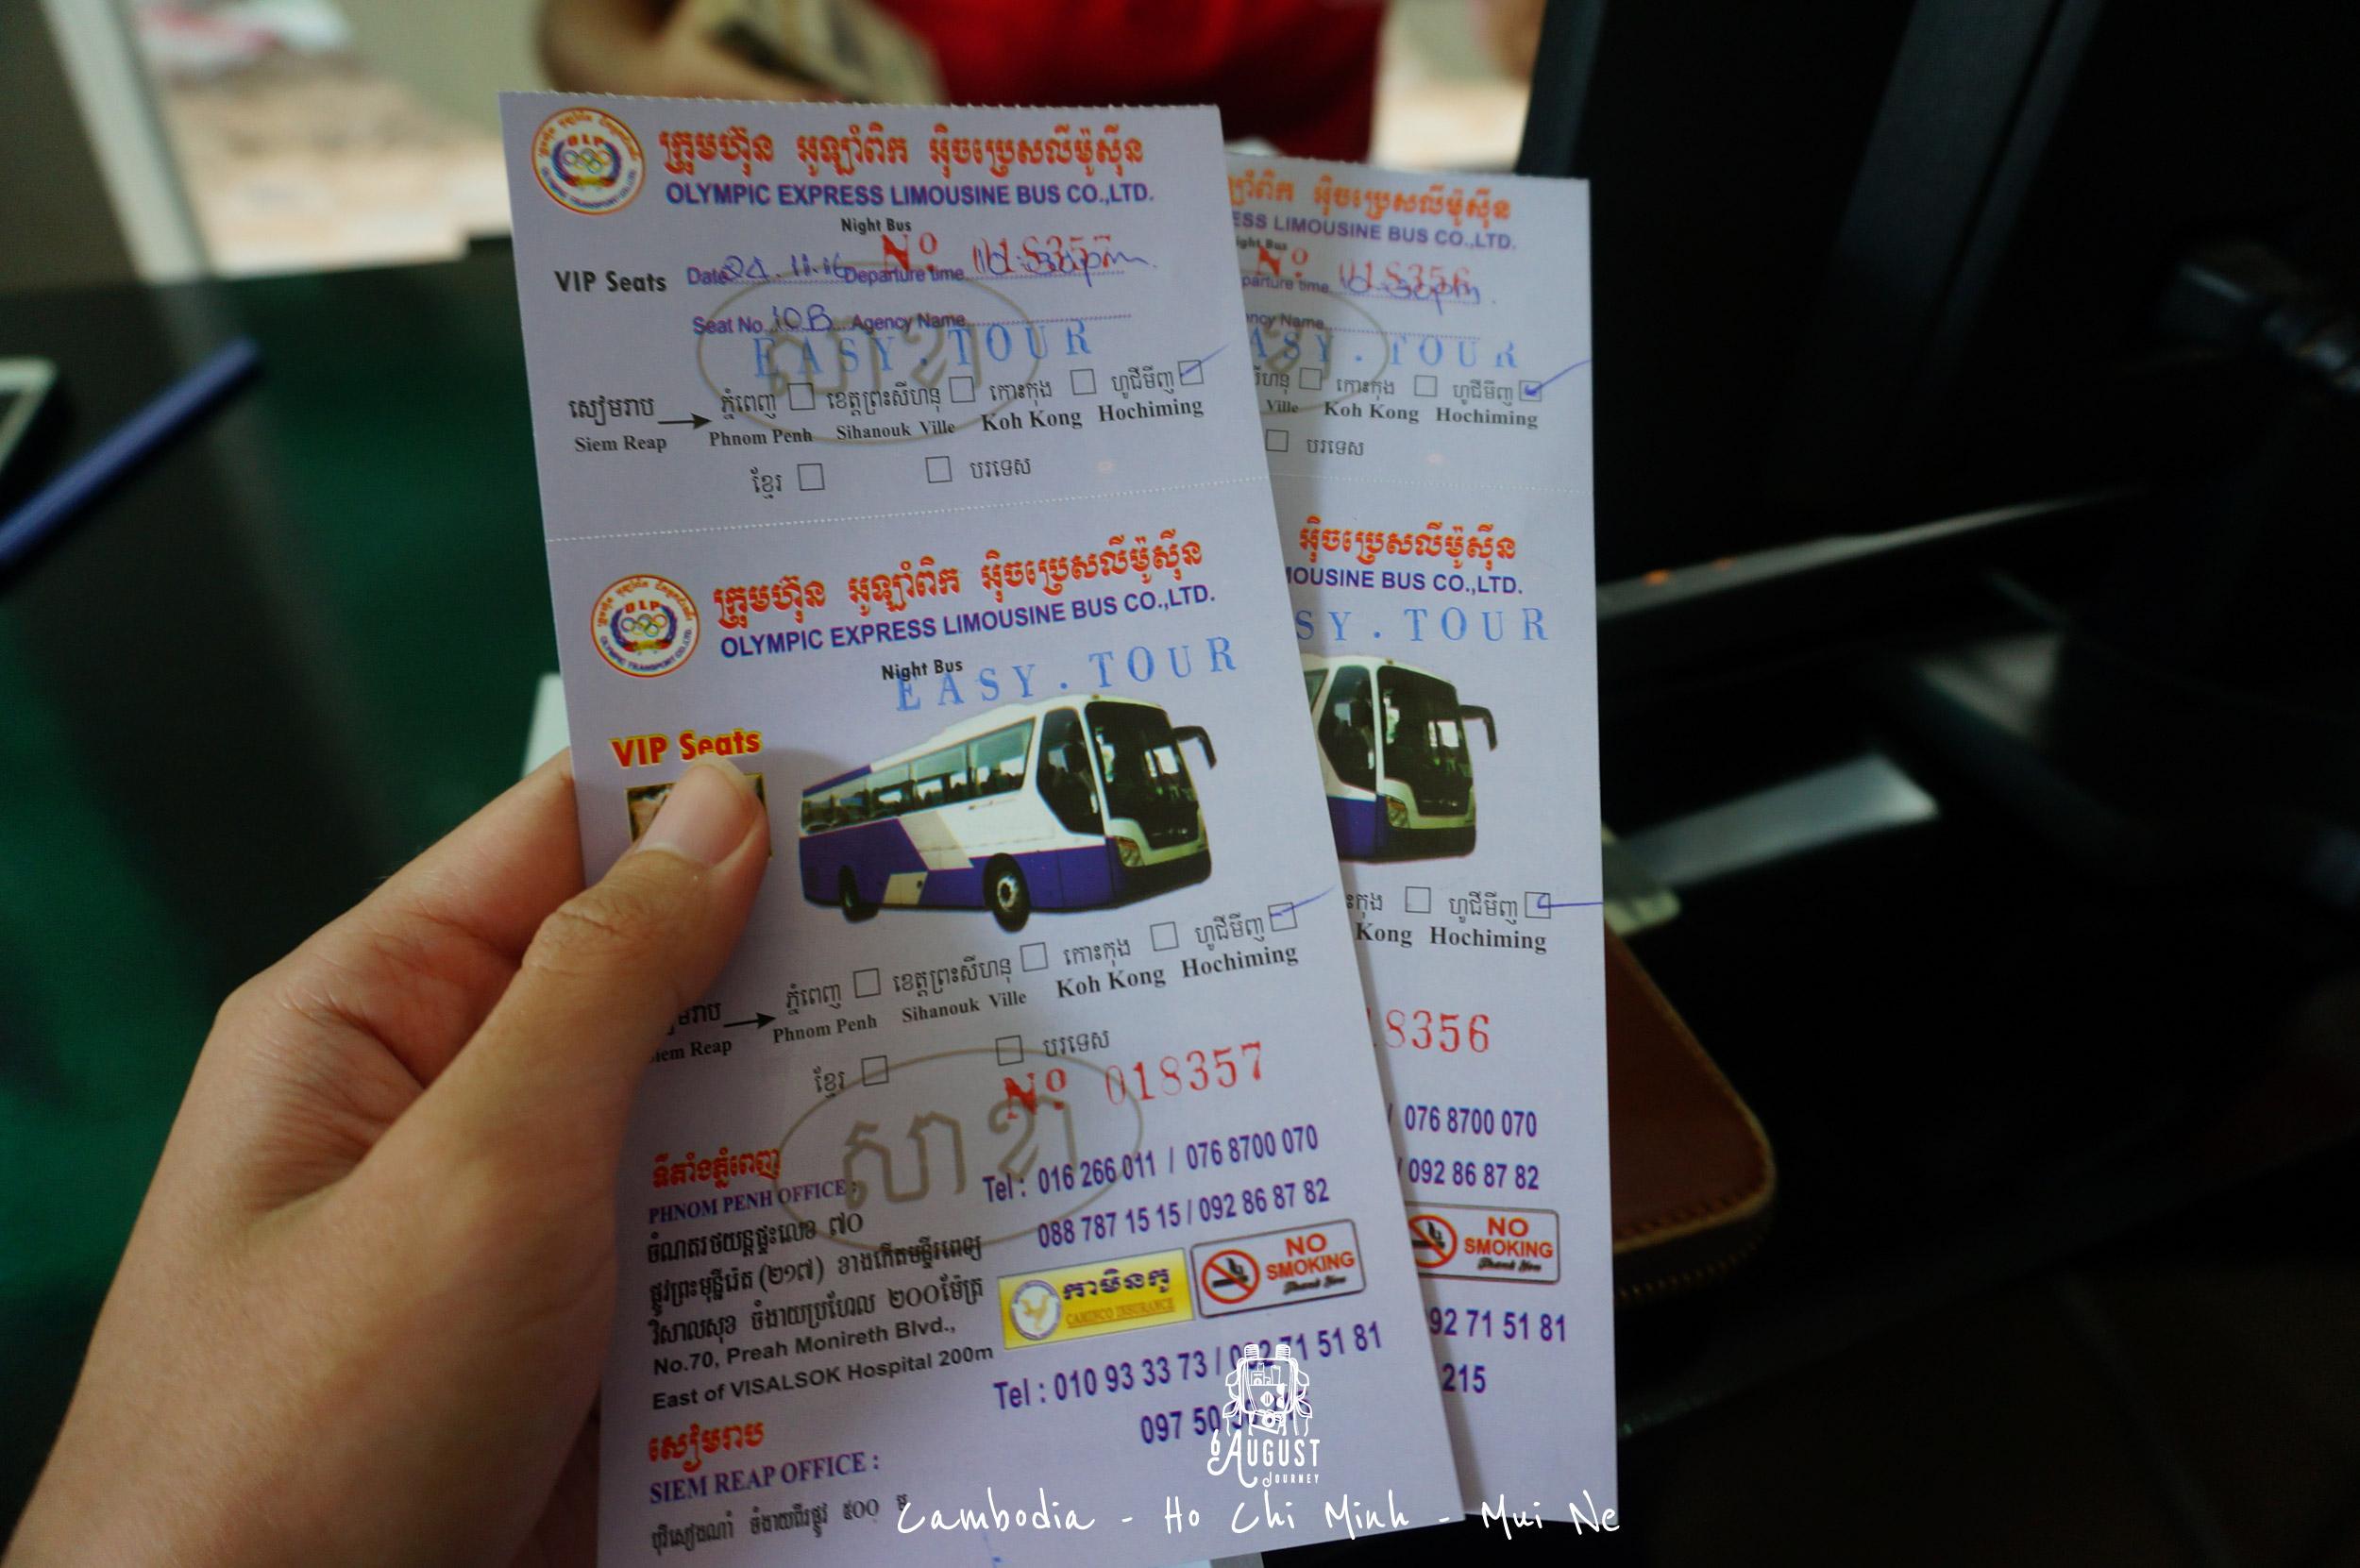 ตั๋วน่าตาแบบนี้ ใส่ซองขาวมาด้วย พร้อมเขียนหน้าซองว่าให้มารอที่ไหน ถนนอะไร ยื่นให้คนพาเที่ยวดูได้สบาย